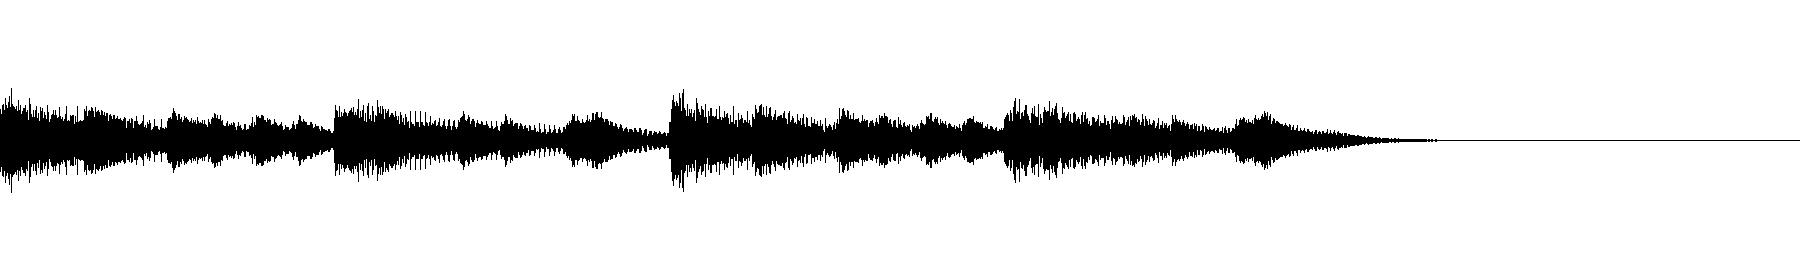 fast piano 140bpm